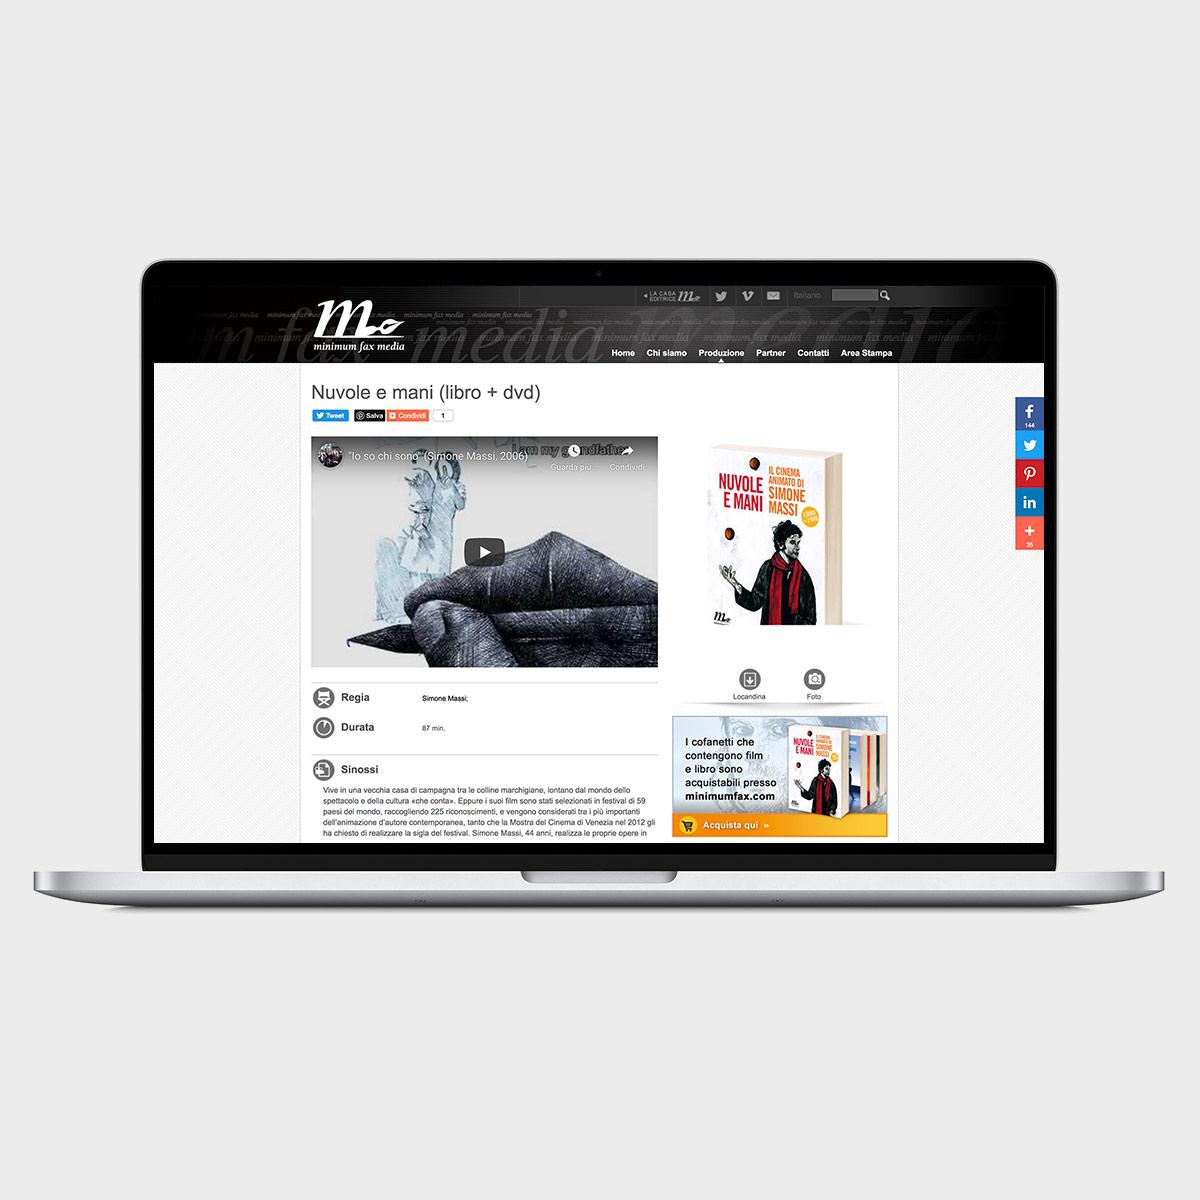 Monitor computer portatile con pagina prodotto Nuvole e mani del sito web Miinimum Fax Media